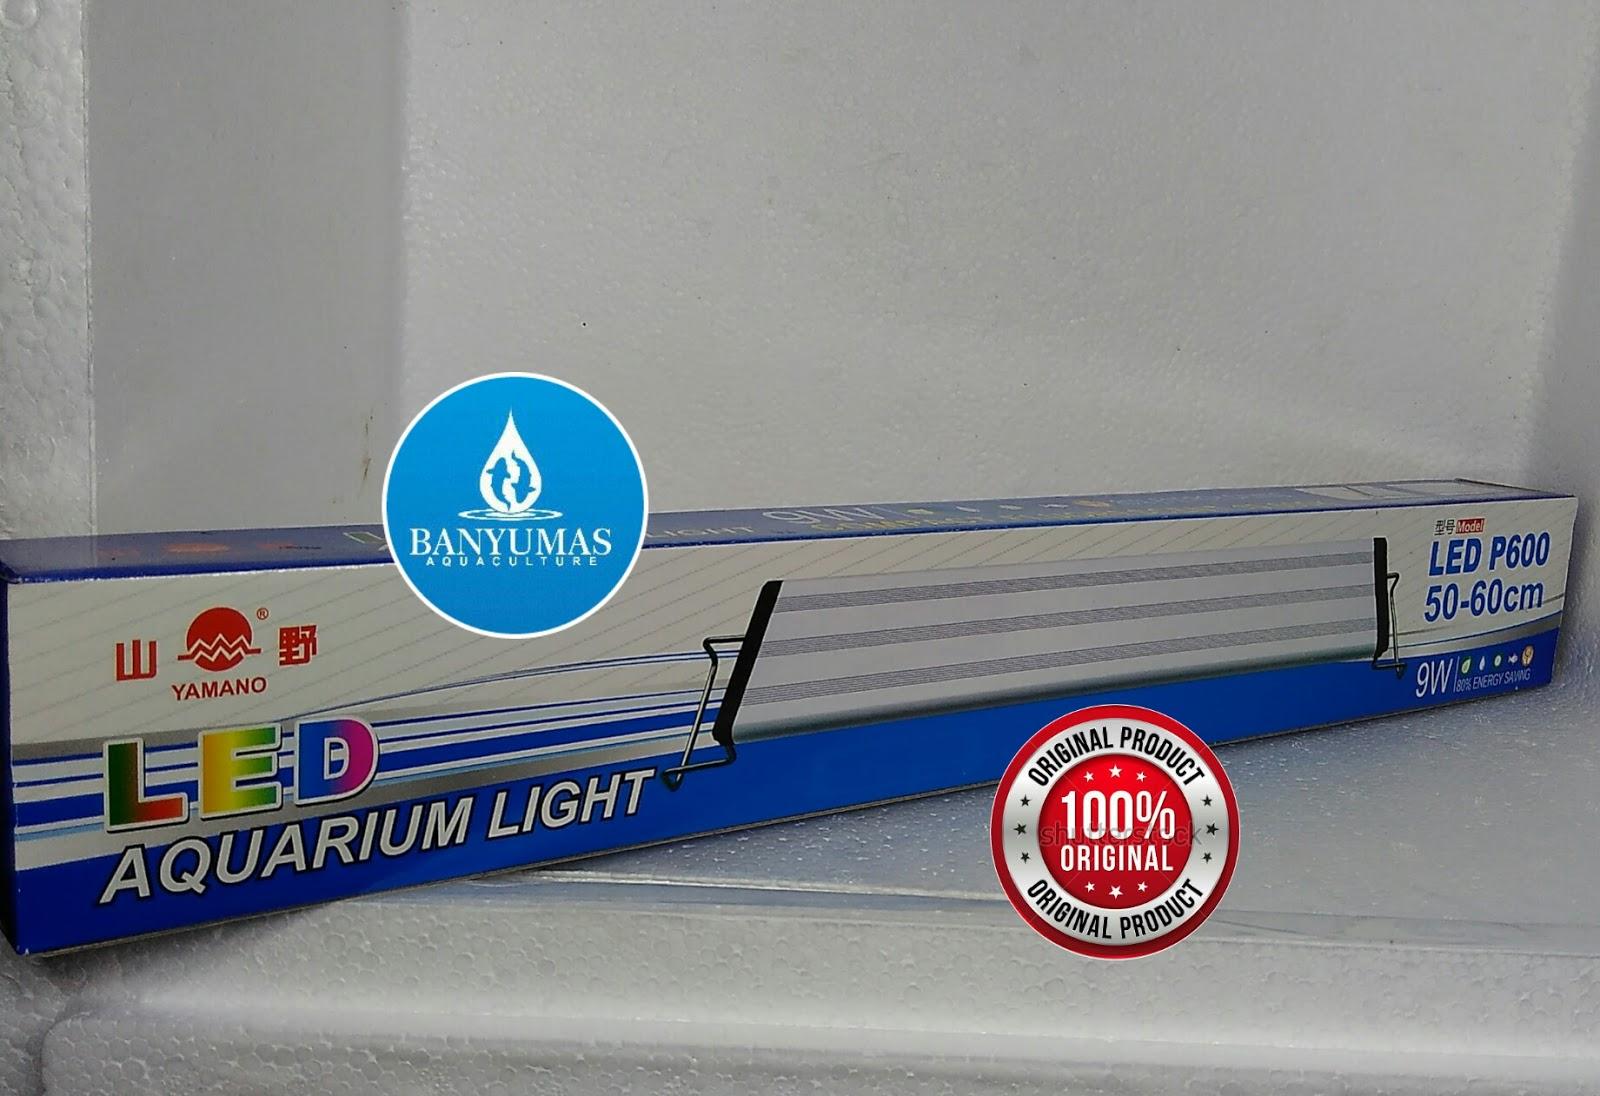 A016 Lampu Aquarium Led Yamano 50 60cm Aquascape Tanning Louhan Ikan 3 Watt Minggu 17 September 2017